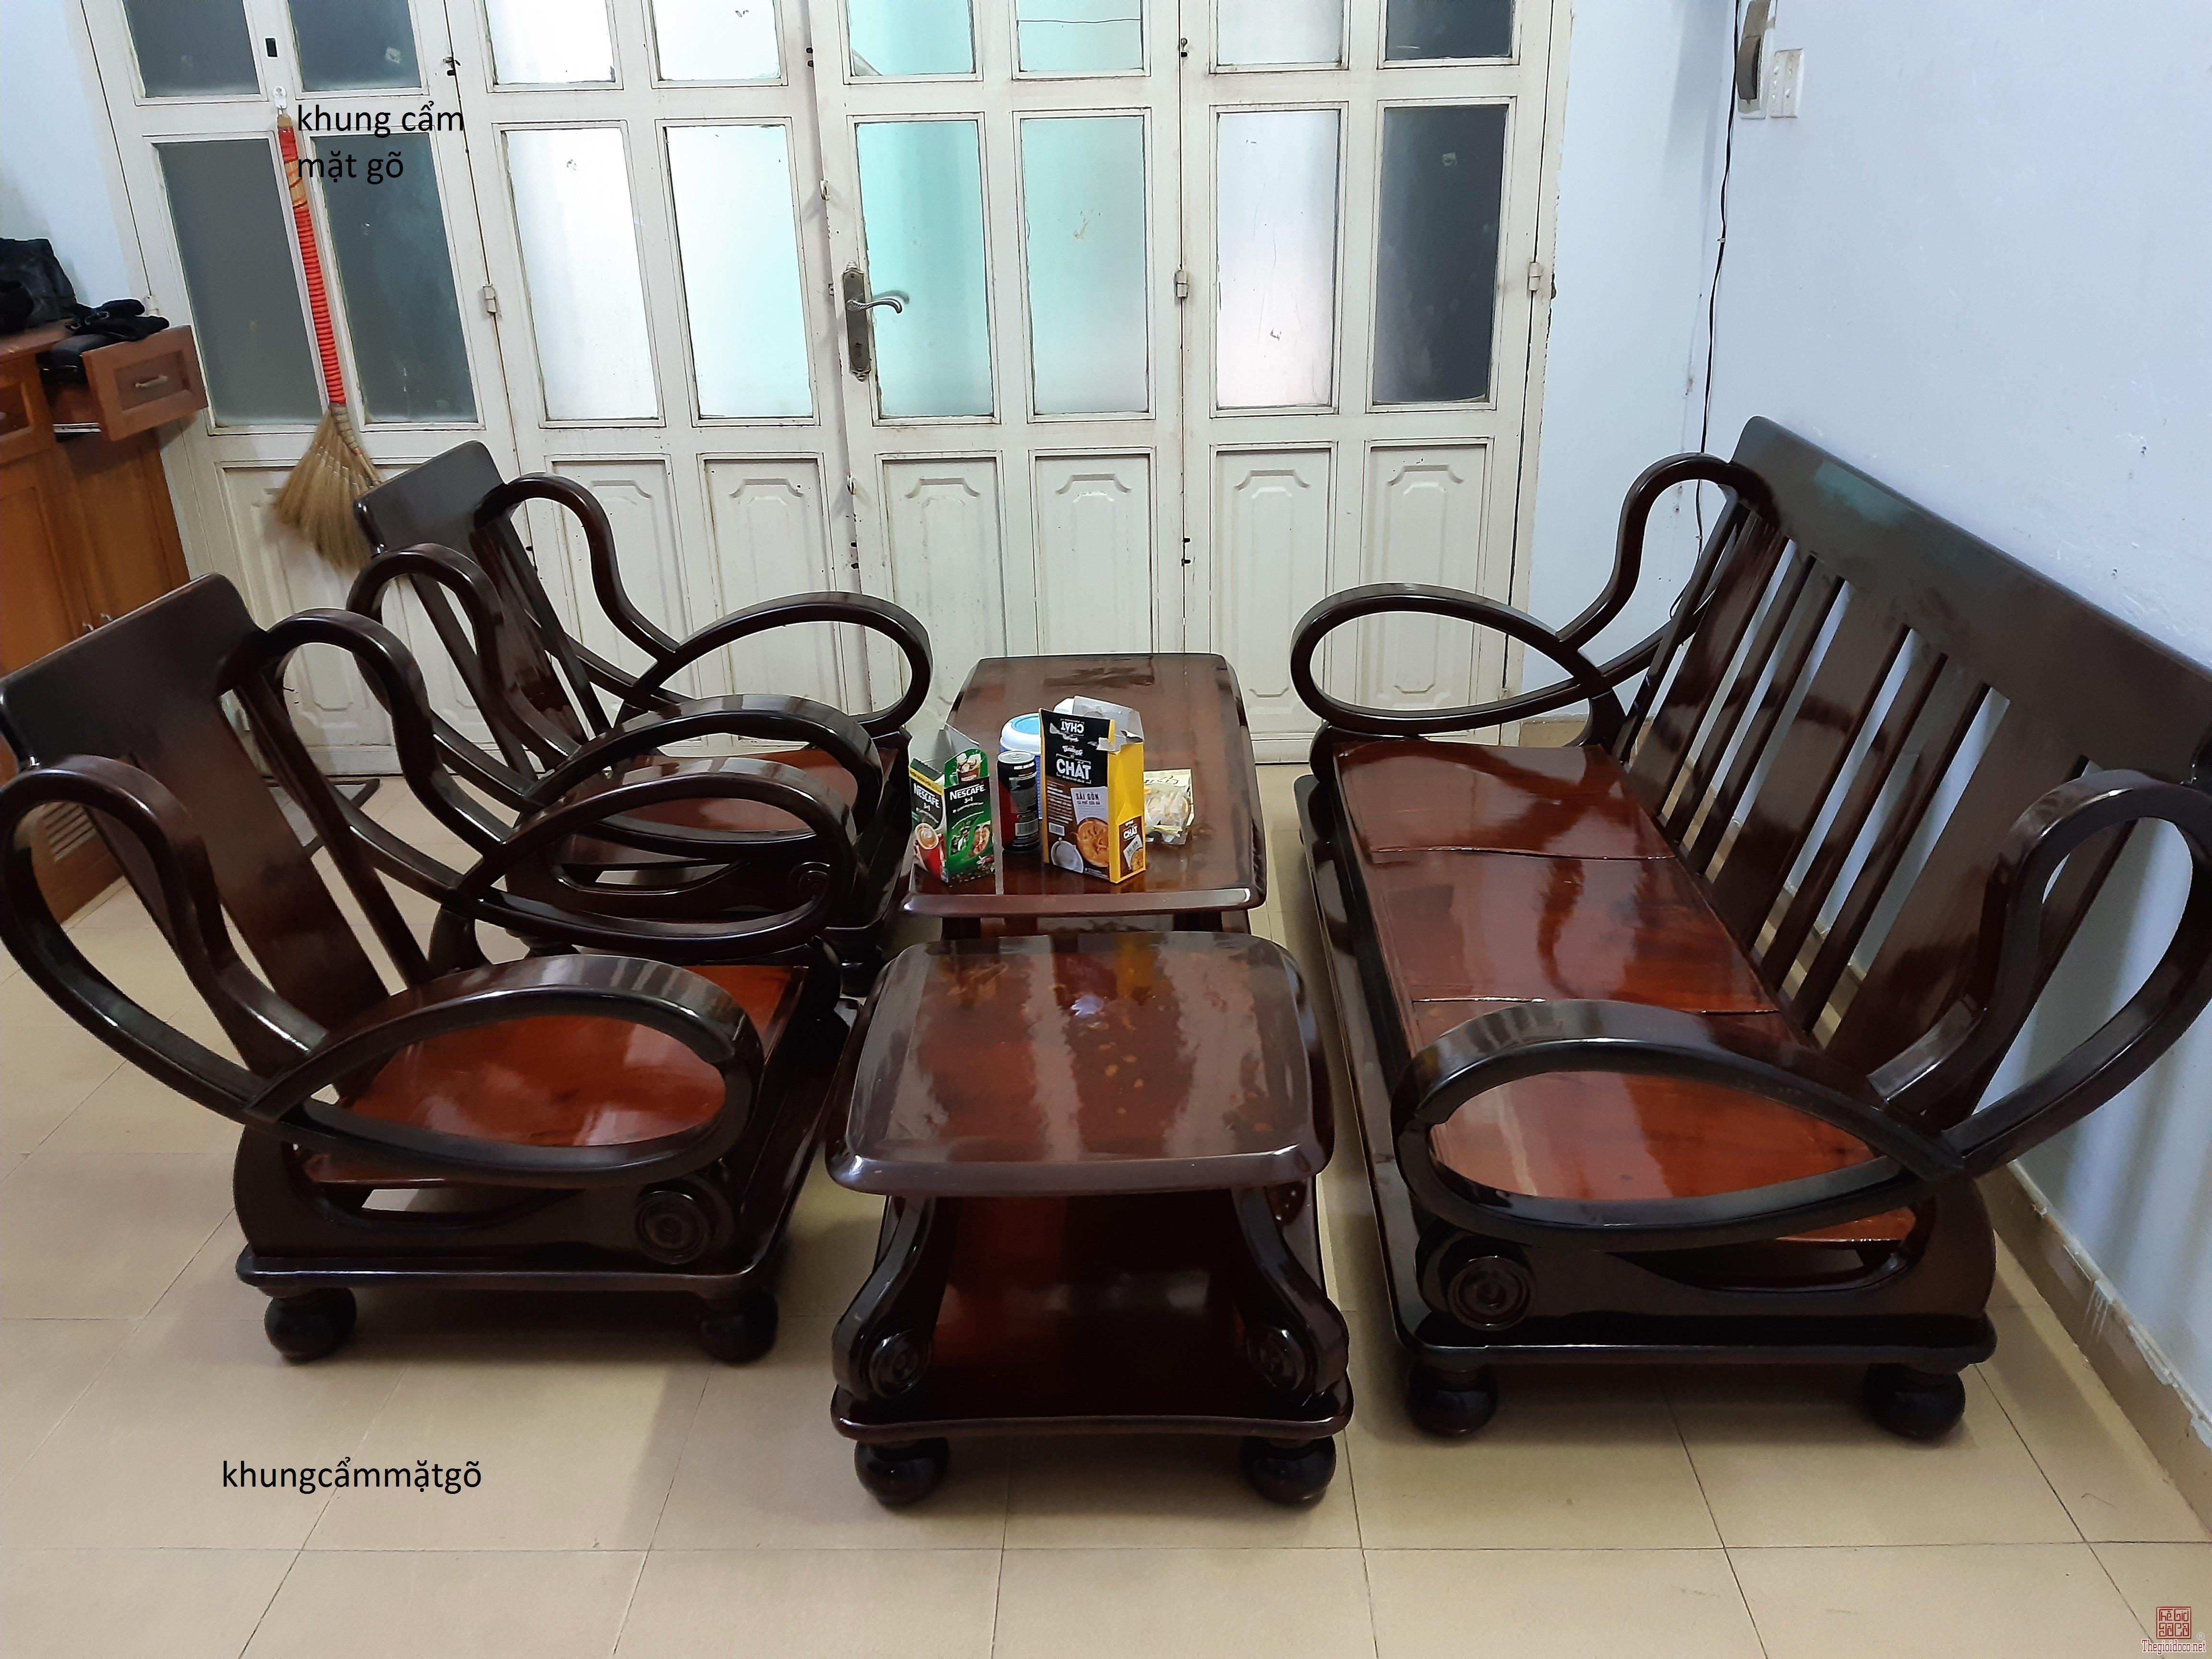 Nhà chật bán bộ ghế gỗ xin